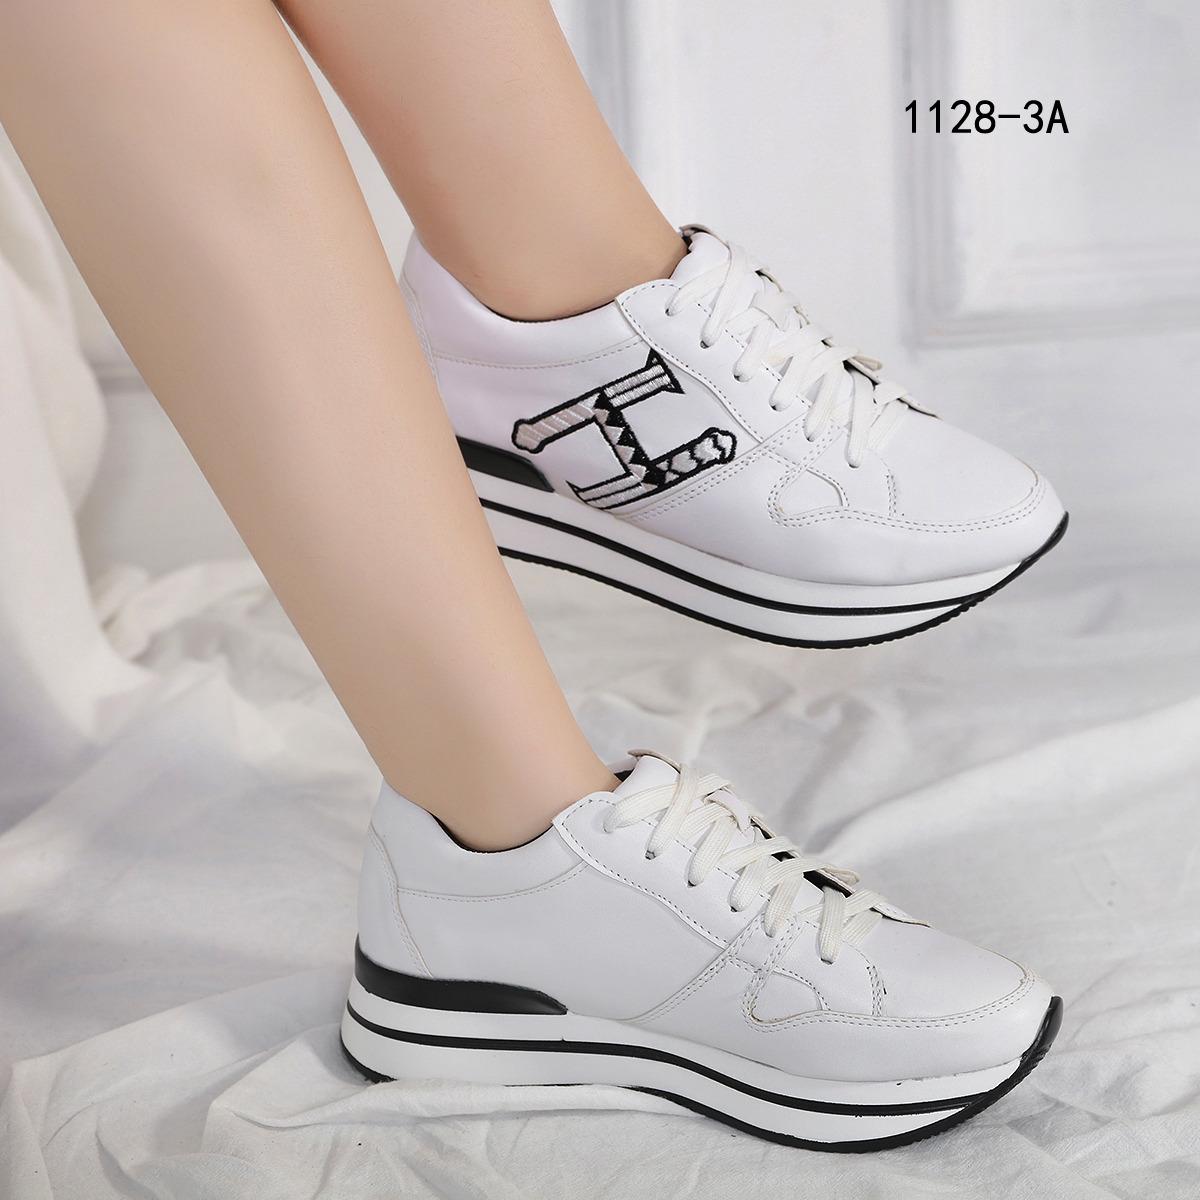 jual sepatu sneaker 2020 1128-3AH4jual sepatu kw super,jual sepatu kw premium,jual sepatu kw super online